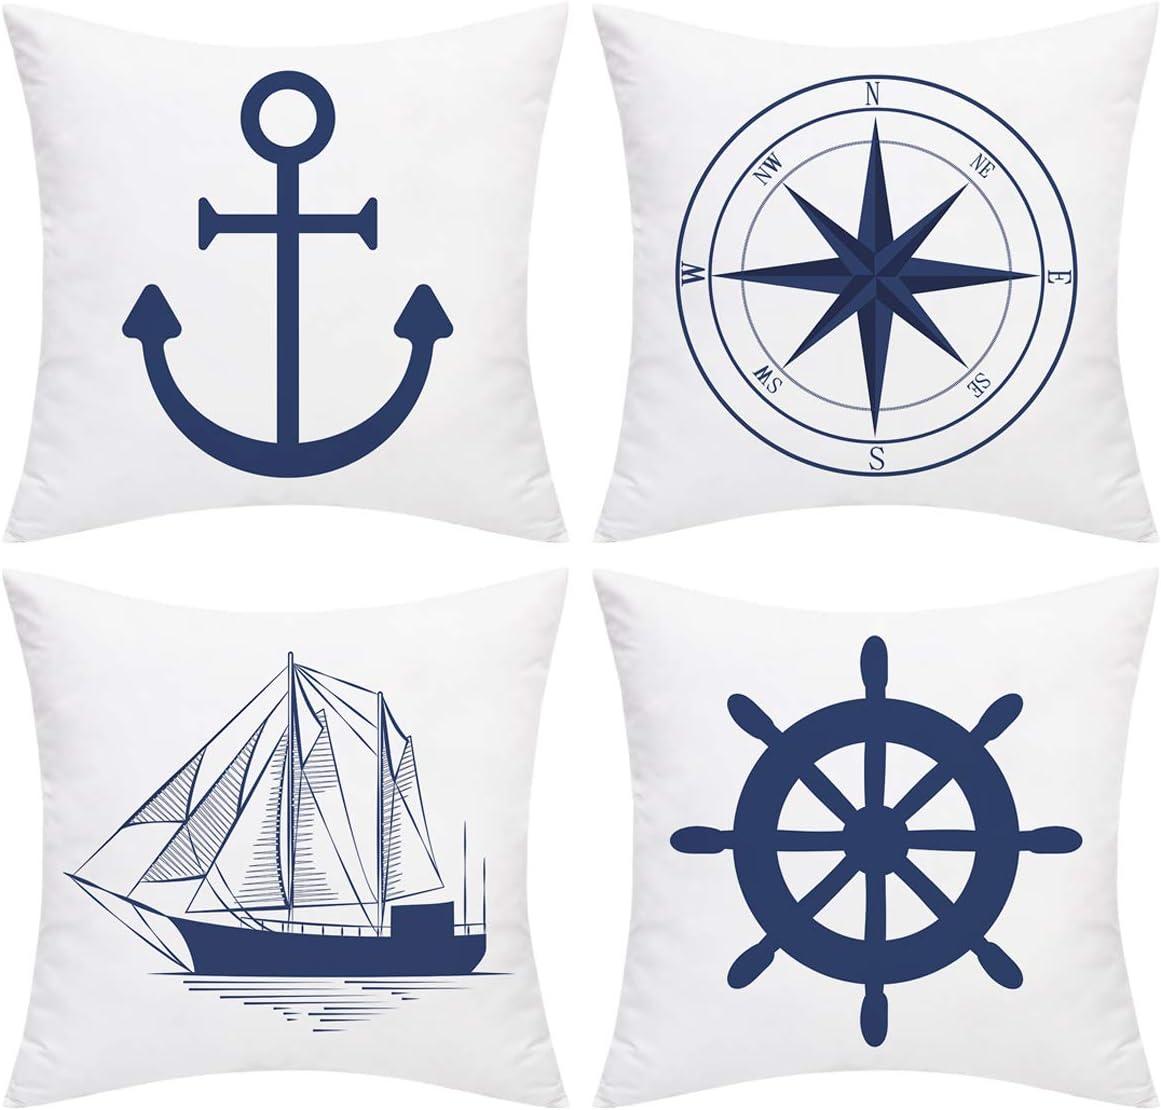 Nautical Sailing Throw Cushions